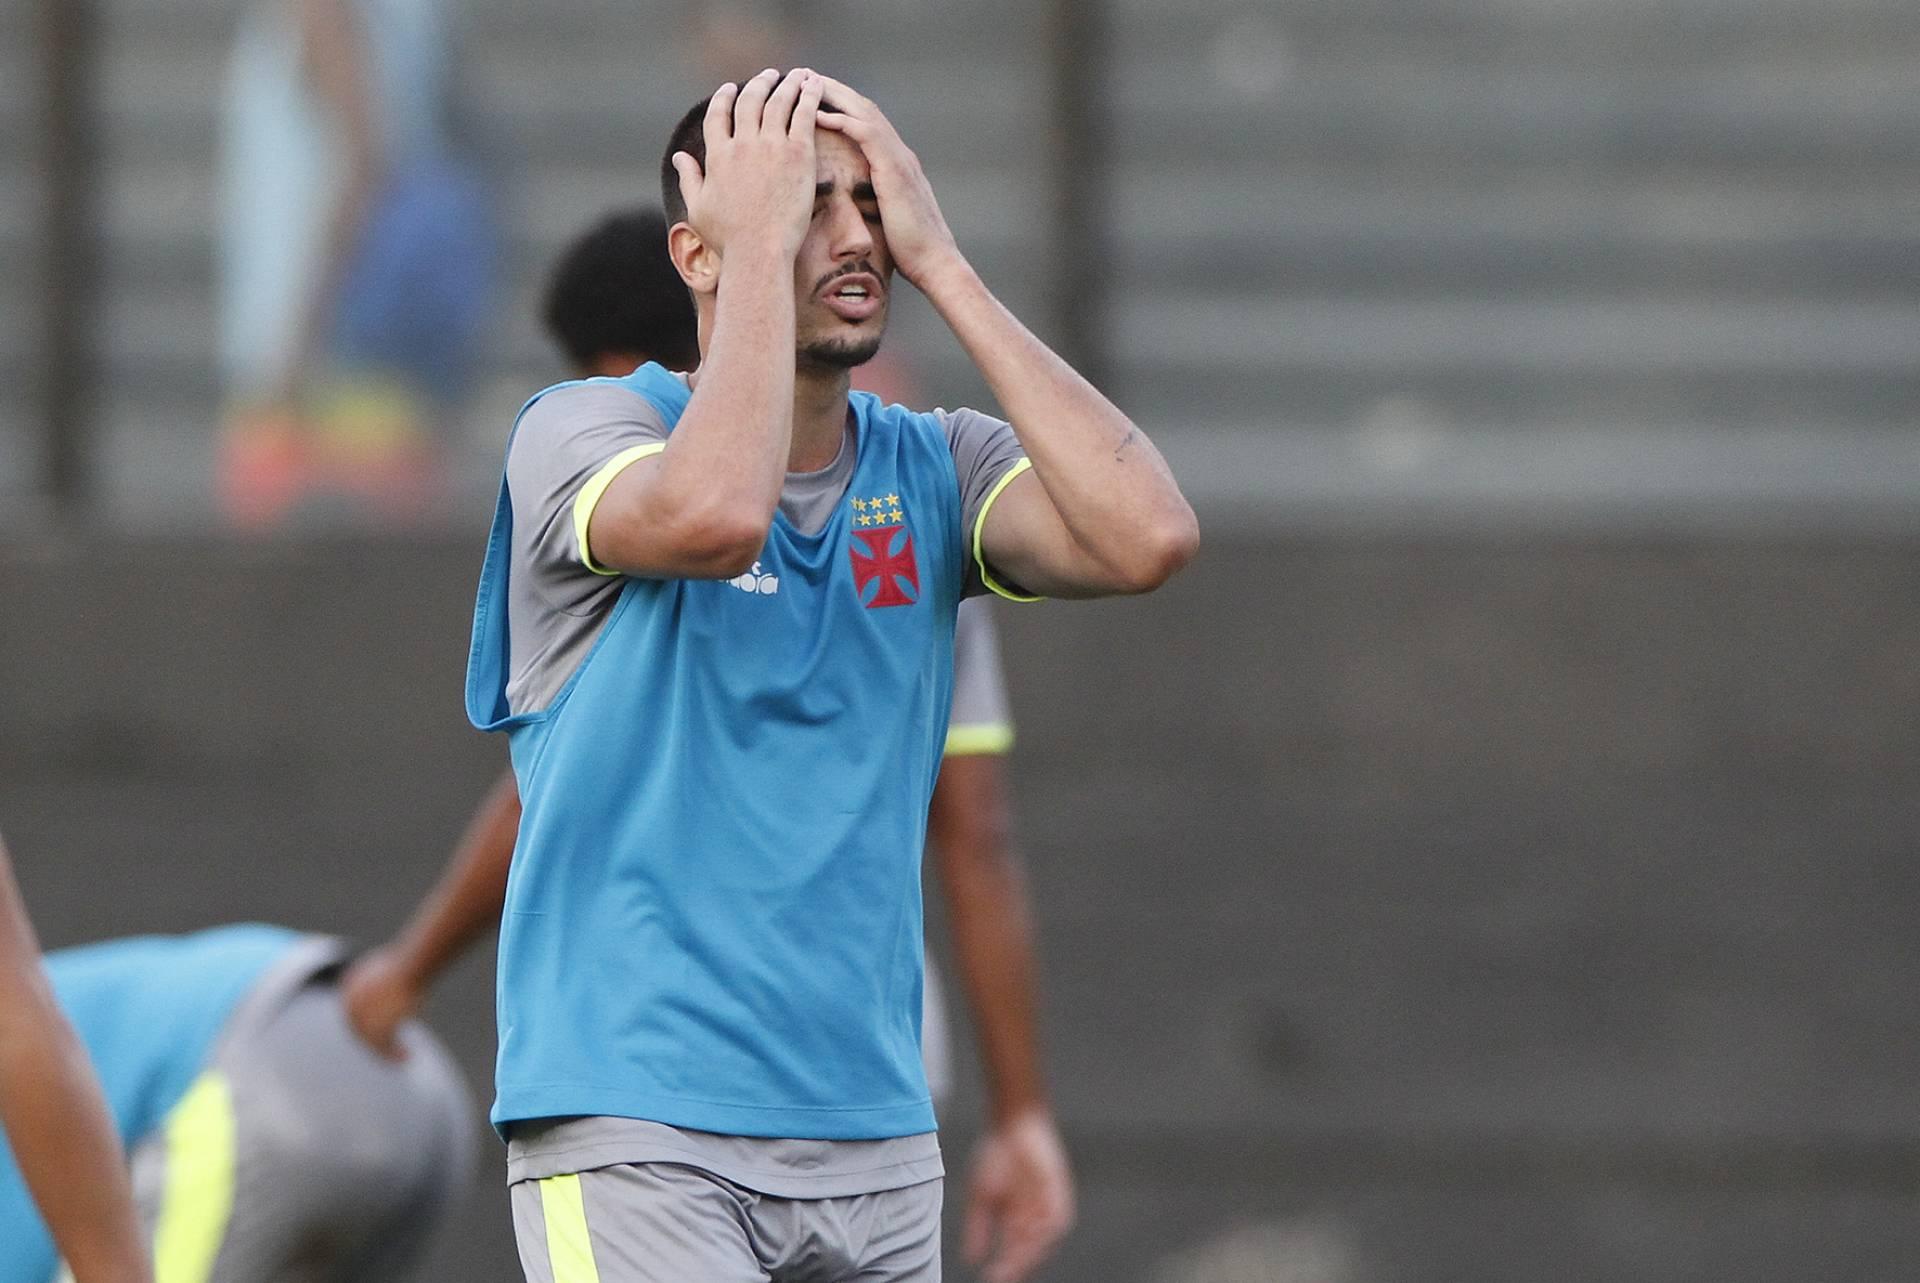 96dde3cfff 25/03/2019 - Treino do Vasco em Sao Januario antes do jogo contra o Bangu  pela semi final da Taca Rio, pelo campeonato carioca 2019.